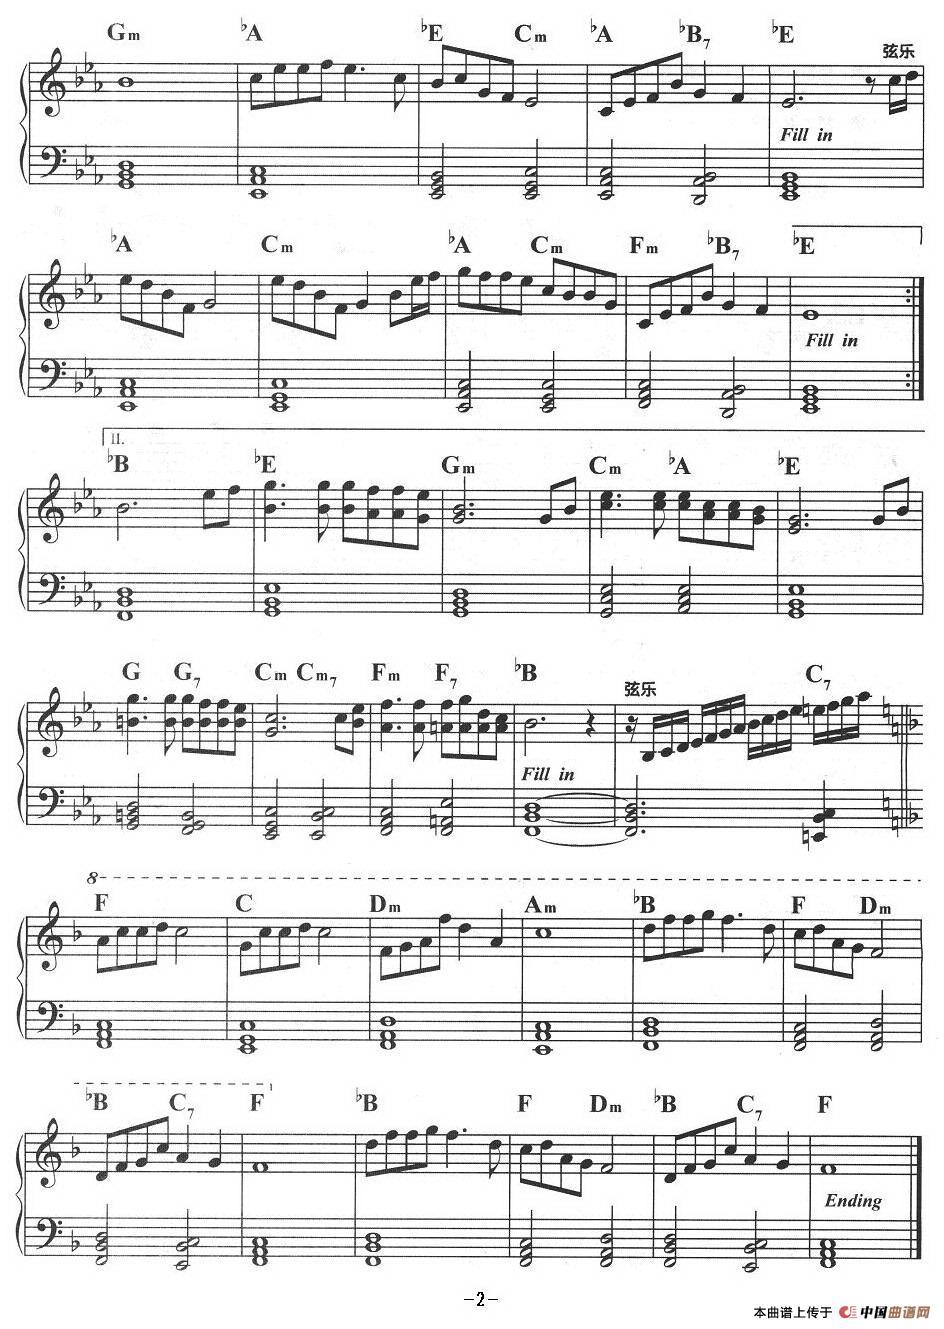 女人花电子琴谱_器乐乐谱_中国曲谱网